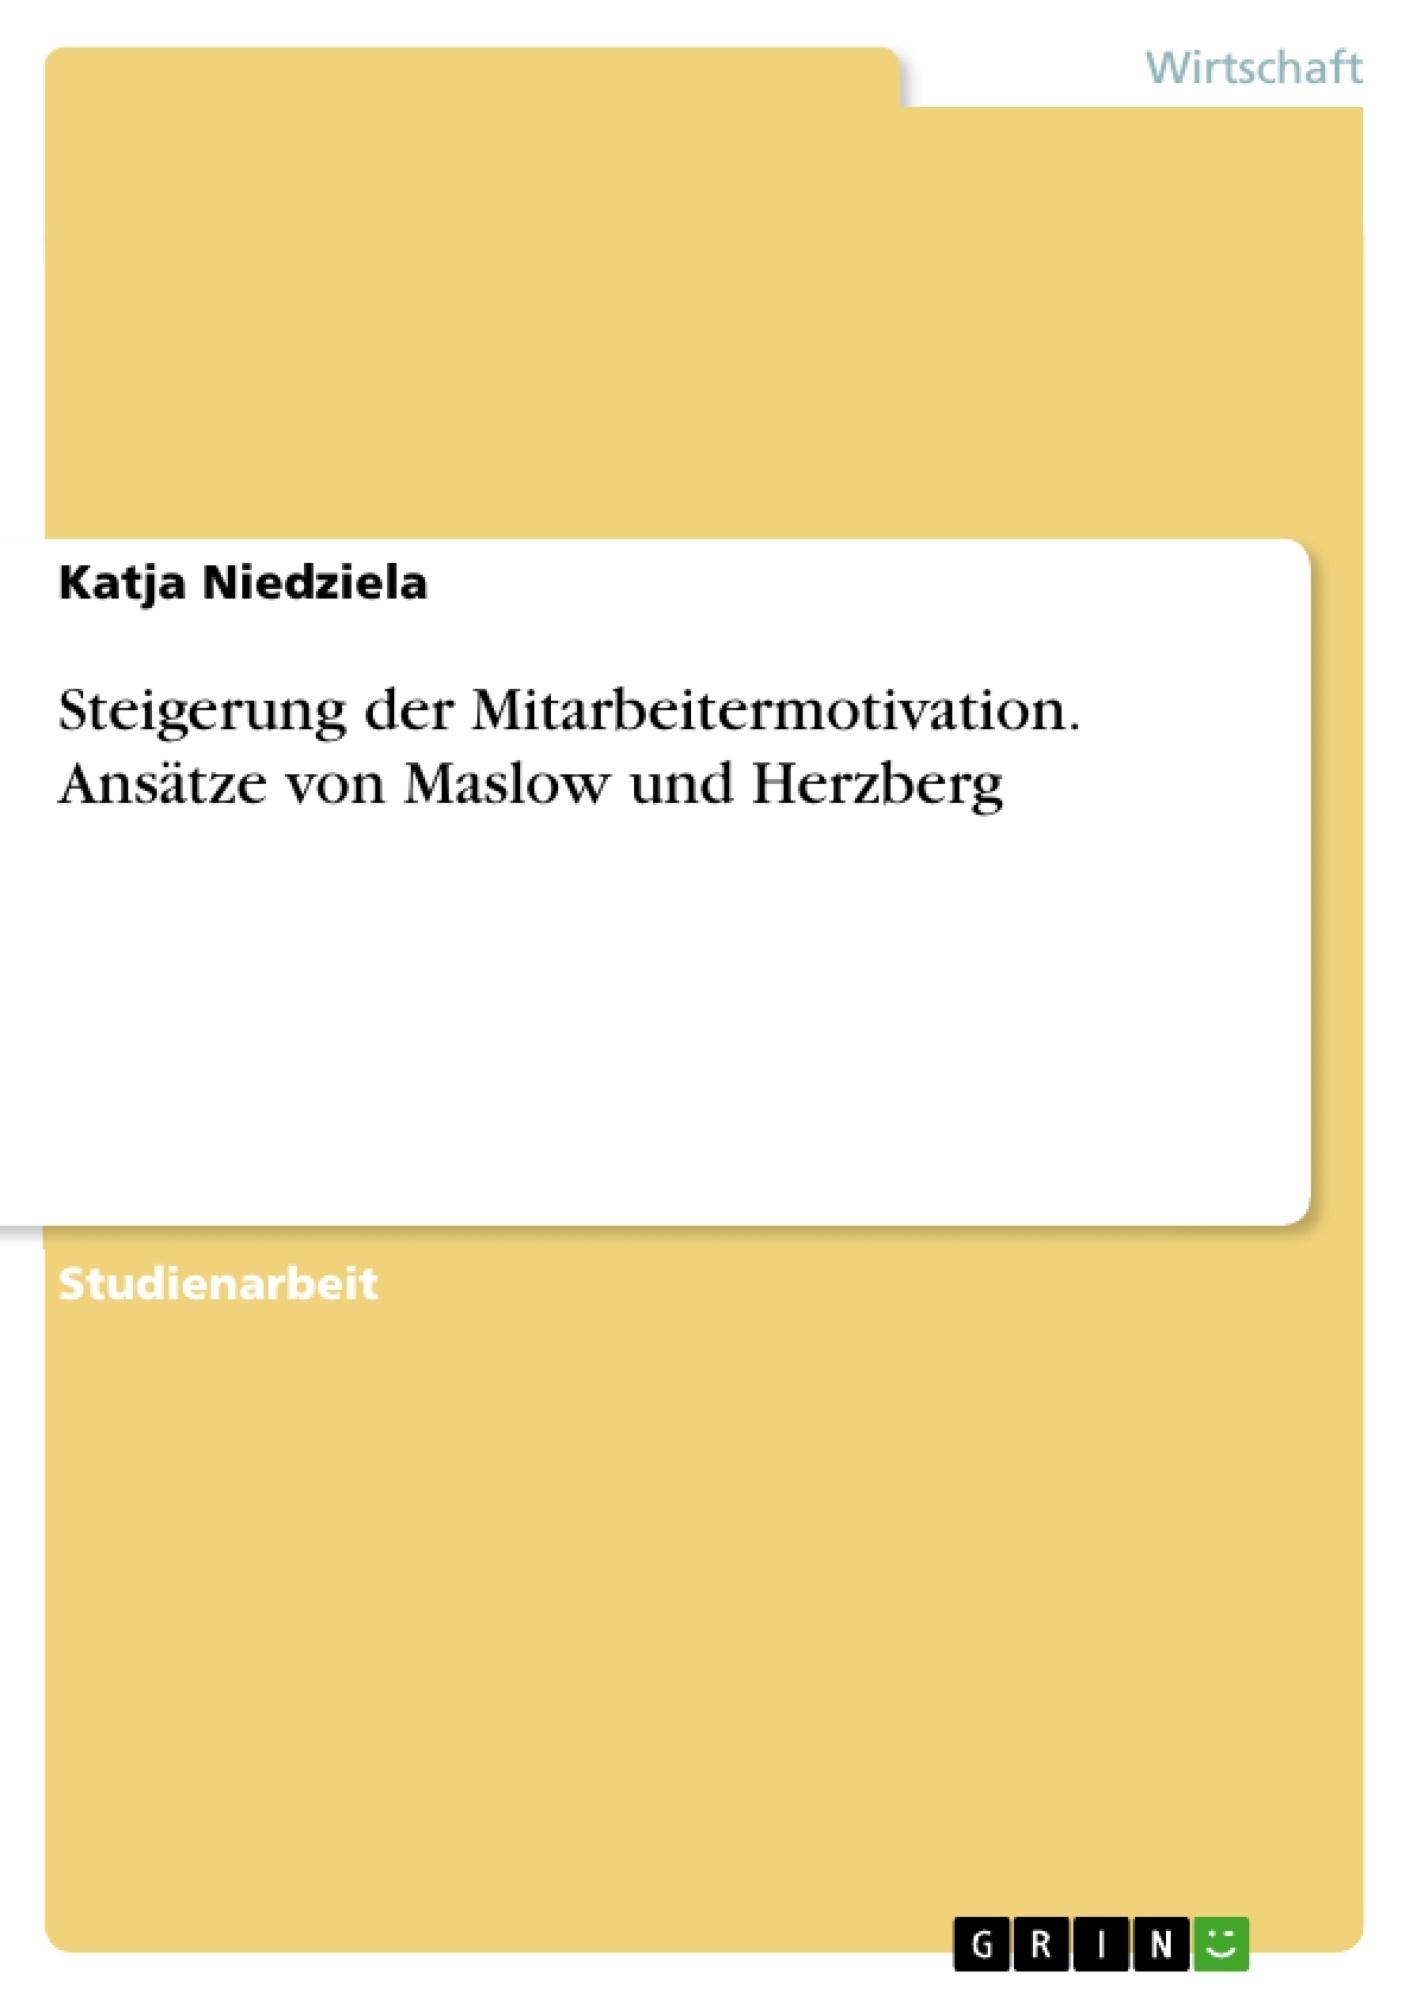 Titel: Steigerung der Mitarbeitermotivation. Ansätze von Maslow und Herzberg